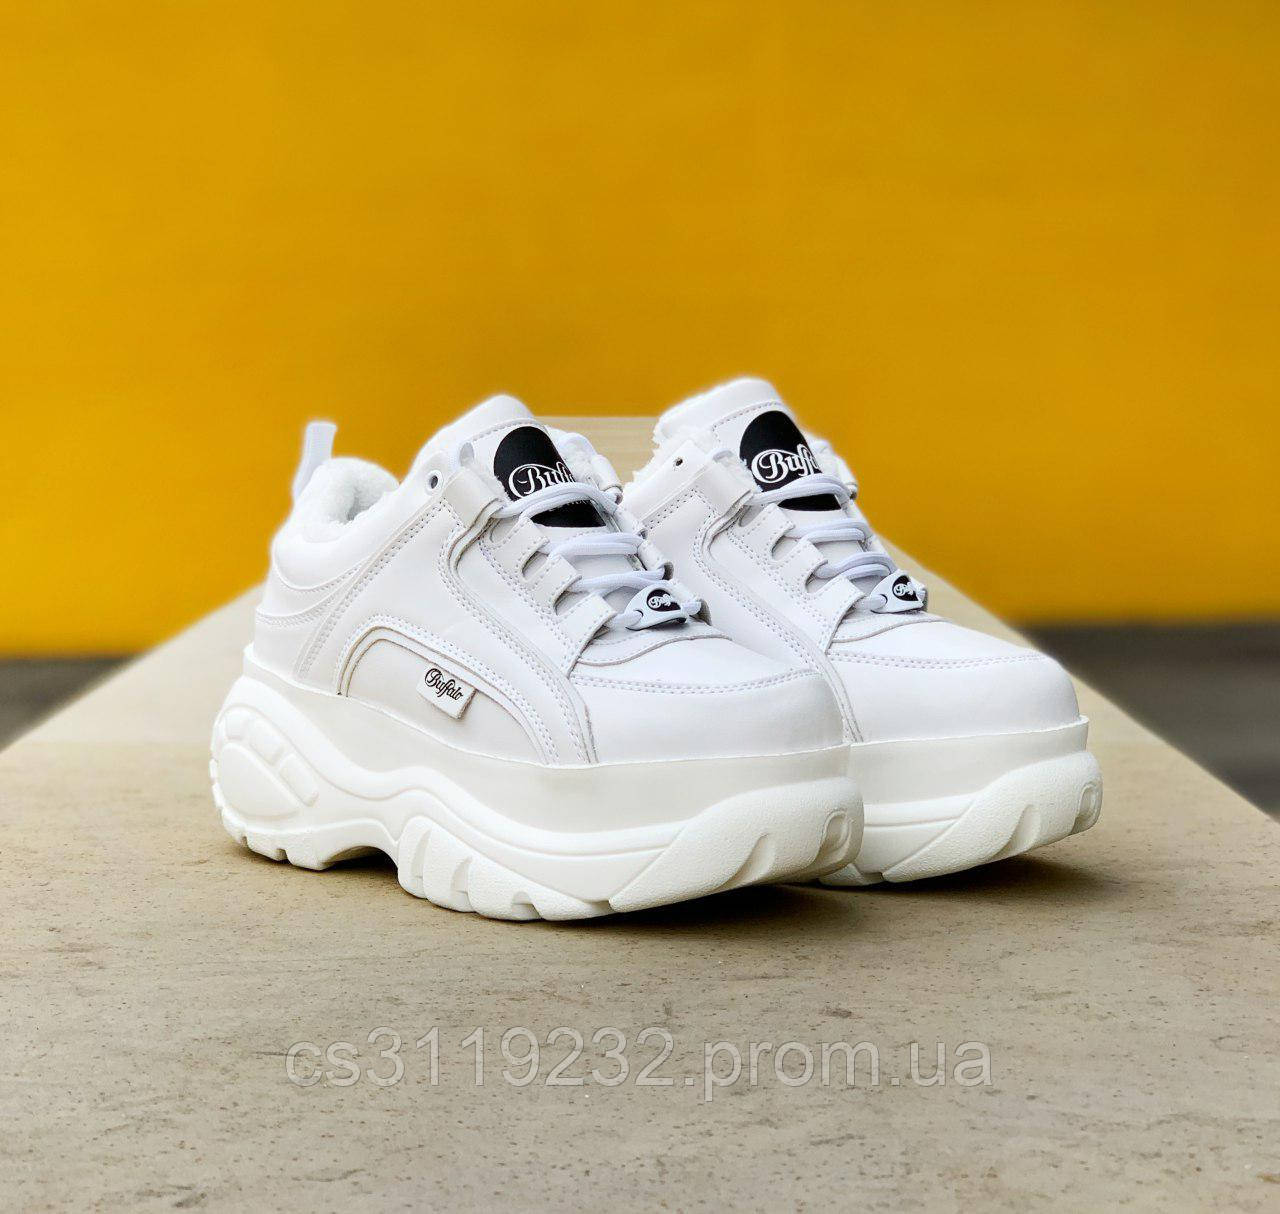 Жіночі кросівки зимові Buffalo London Нідһ (хутро) (білі)